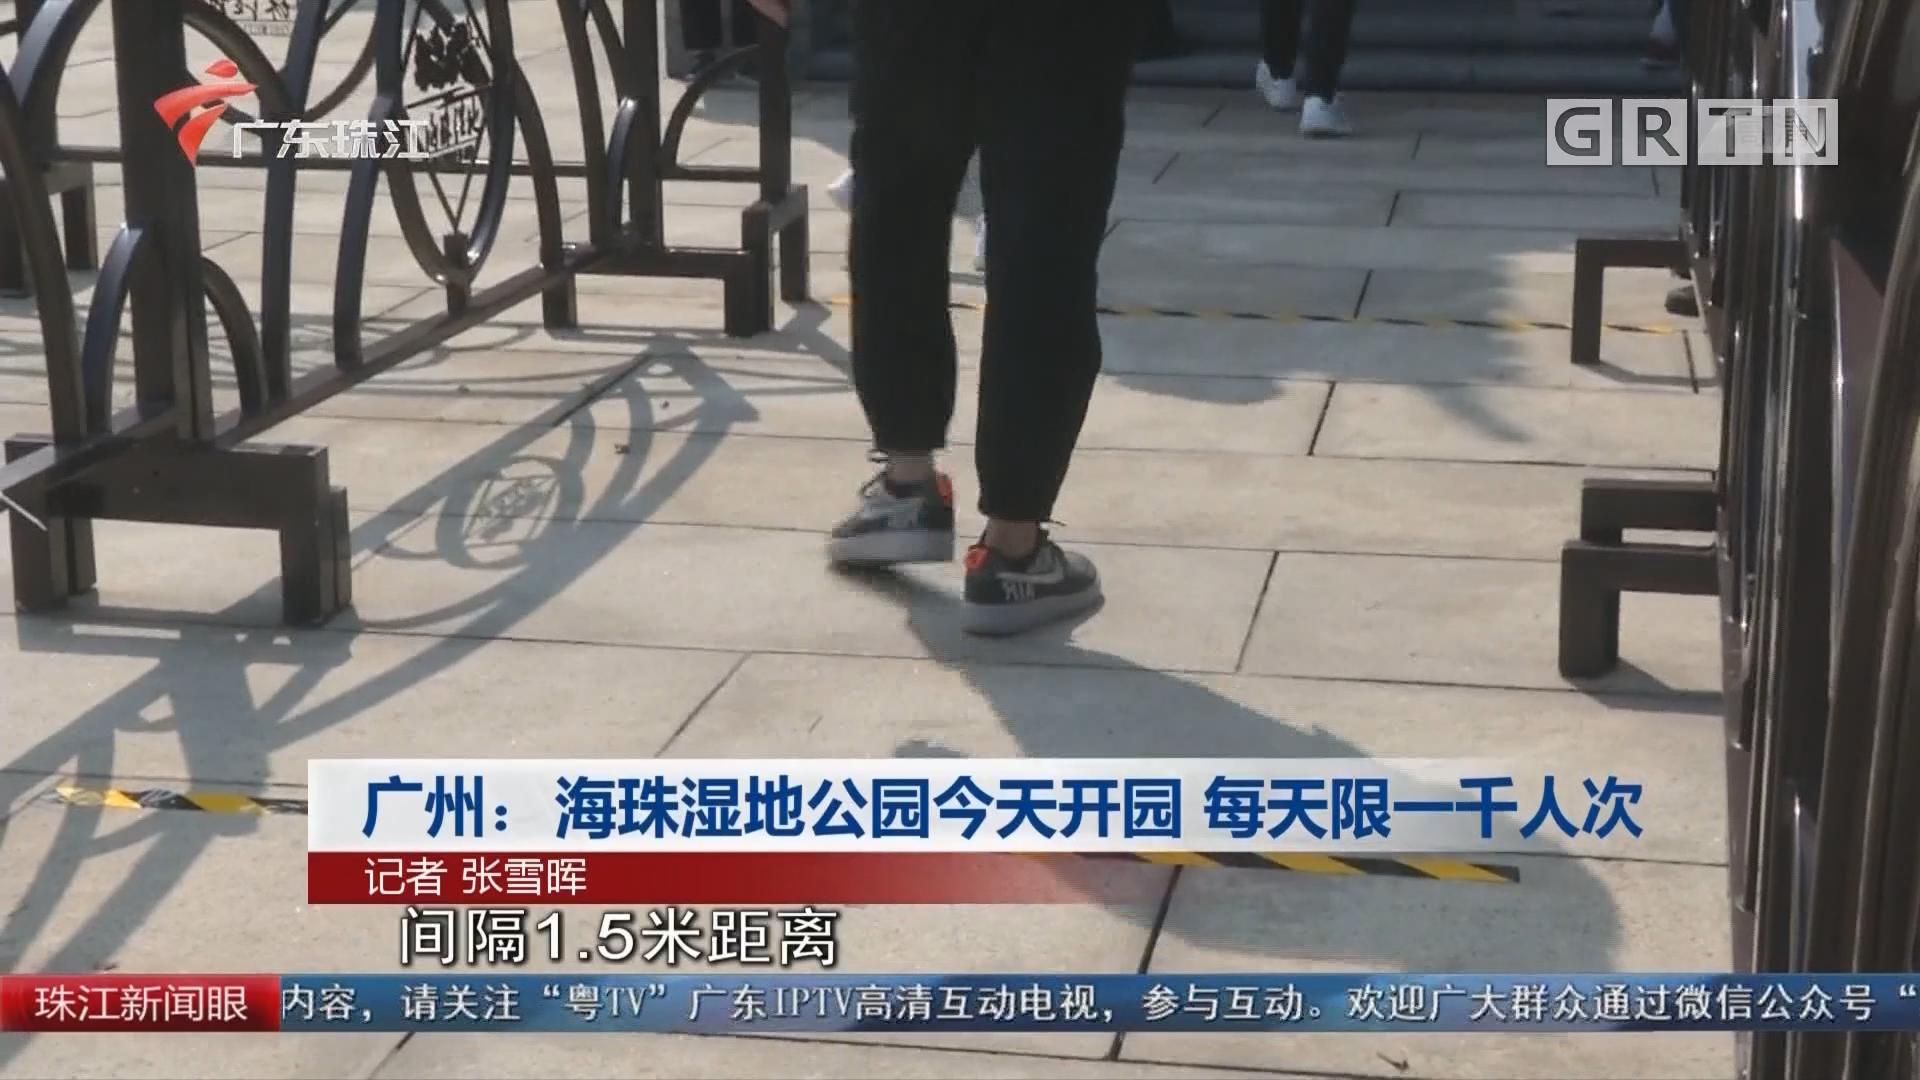 广州:海珠湿地公园今天开园 每天限一千人次